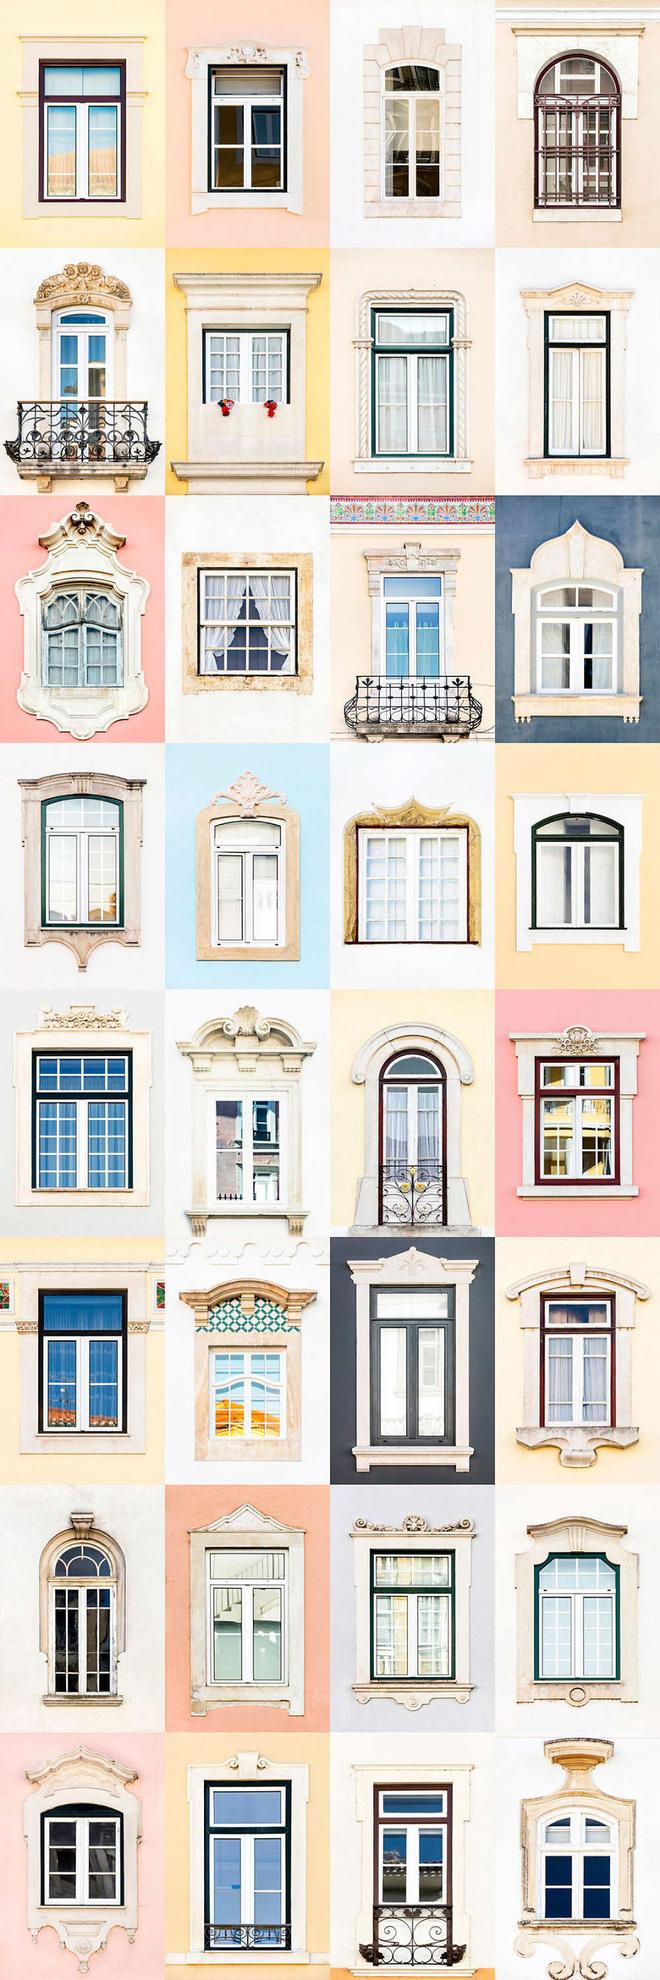 Mãn nhãn với 14 phong cách thiết kế cửa sổ ấn tượng ở Bồ Đào Nha - Ảnh 7.